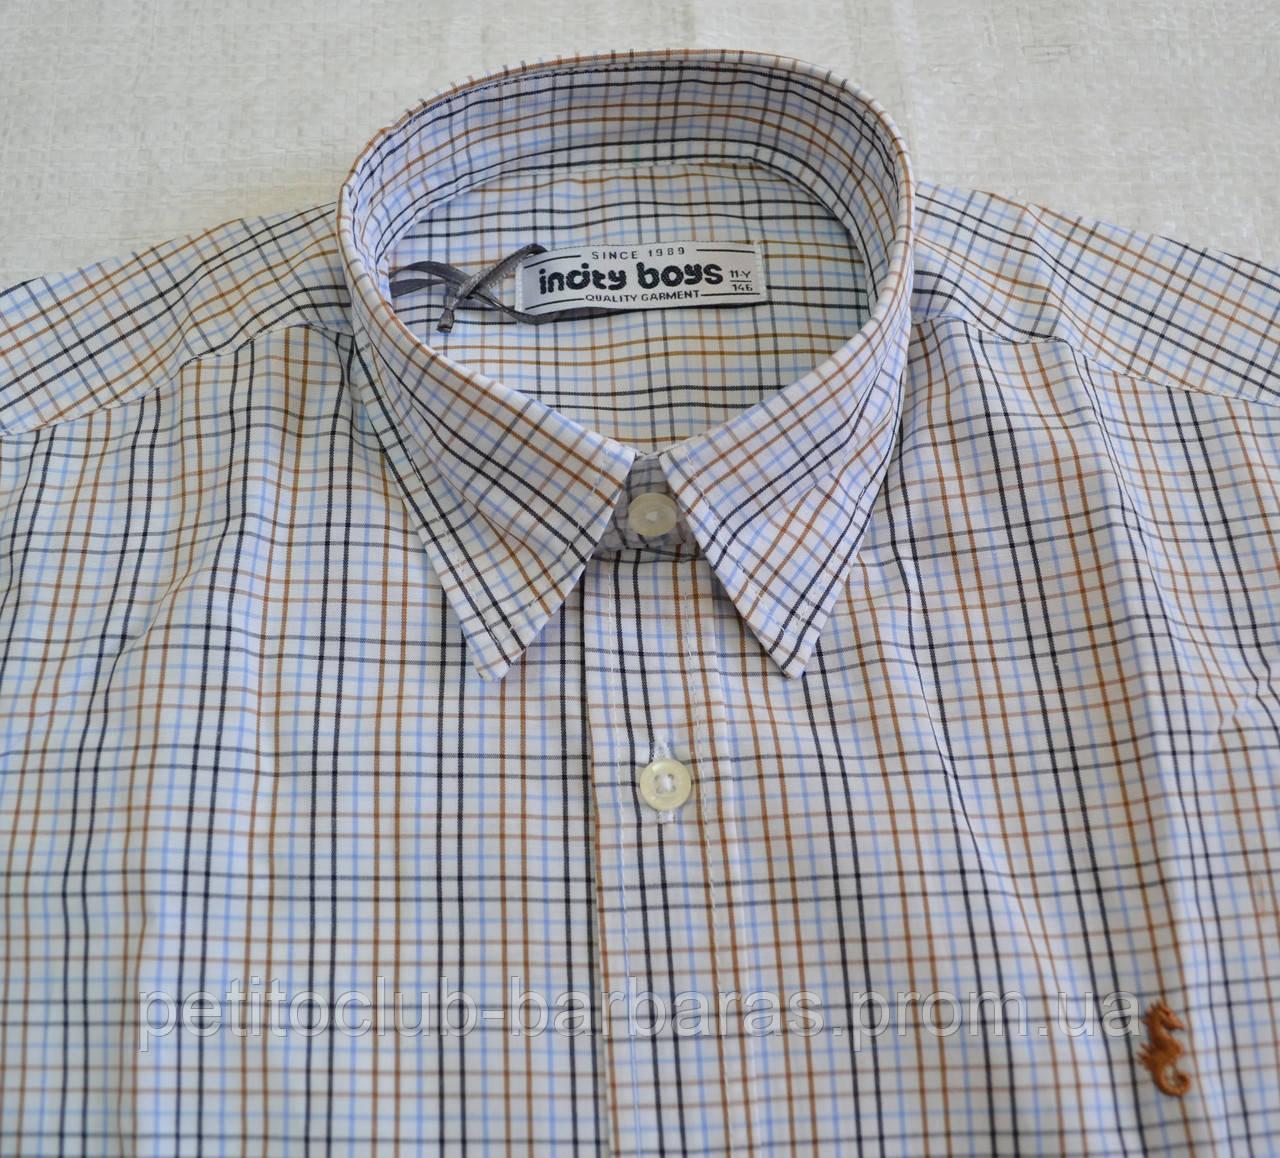 Детская рубашка для мальчика в клетку р. 146-158 см (InCity, Турция)